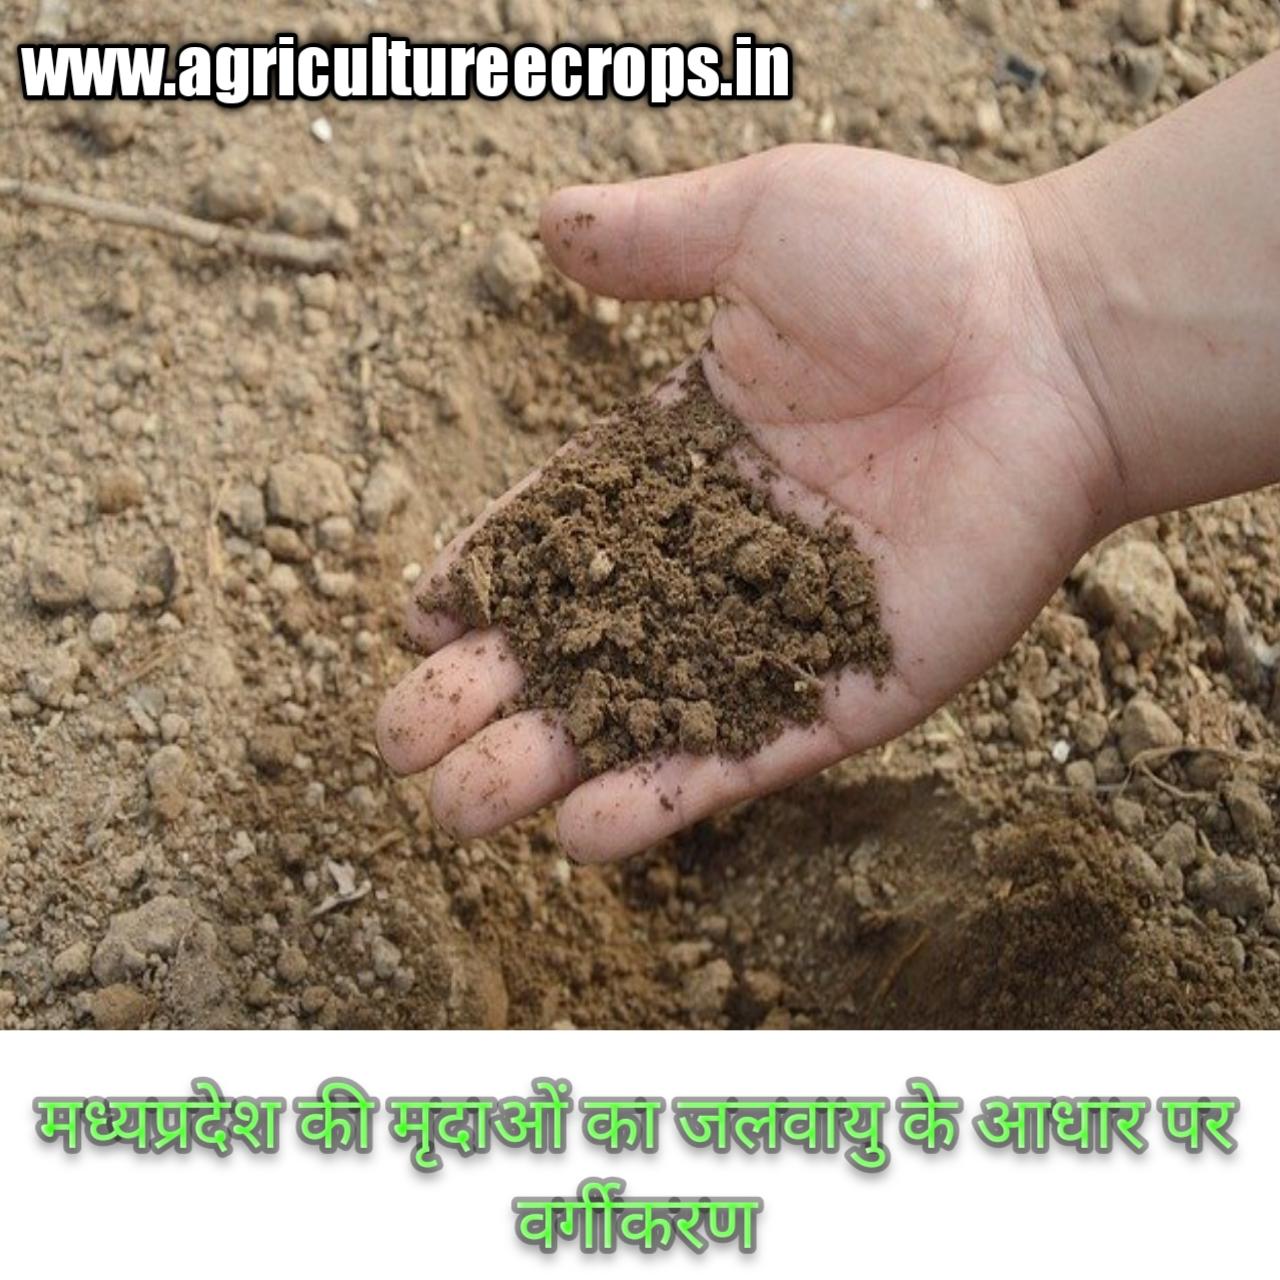 मध्यप्रदेश की मृदाओं का जलवायु के आधार पर वर्गीकरण हिन्दी में Classification of soil of Madhya Pradesh on the basis of climate in Hindi